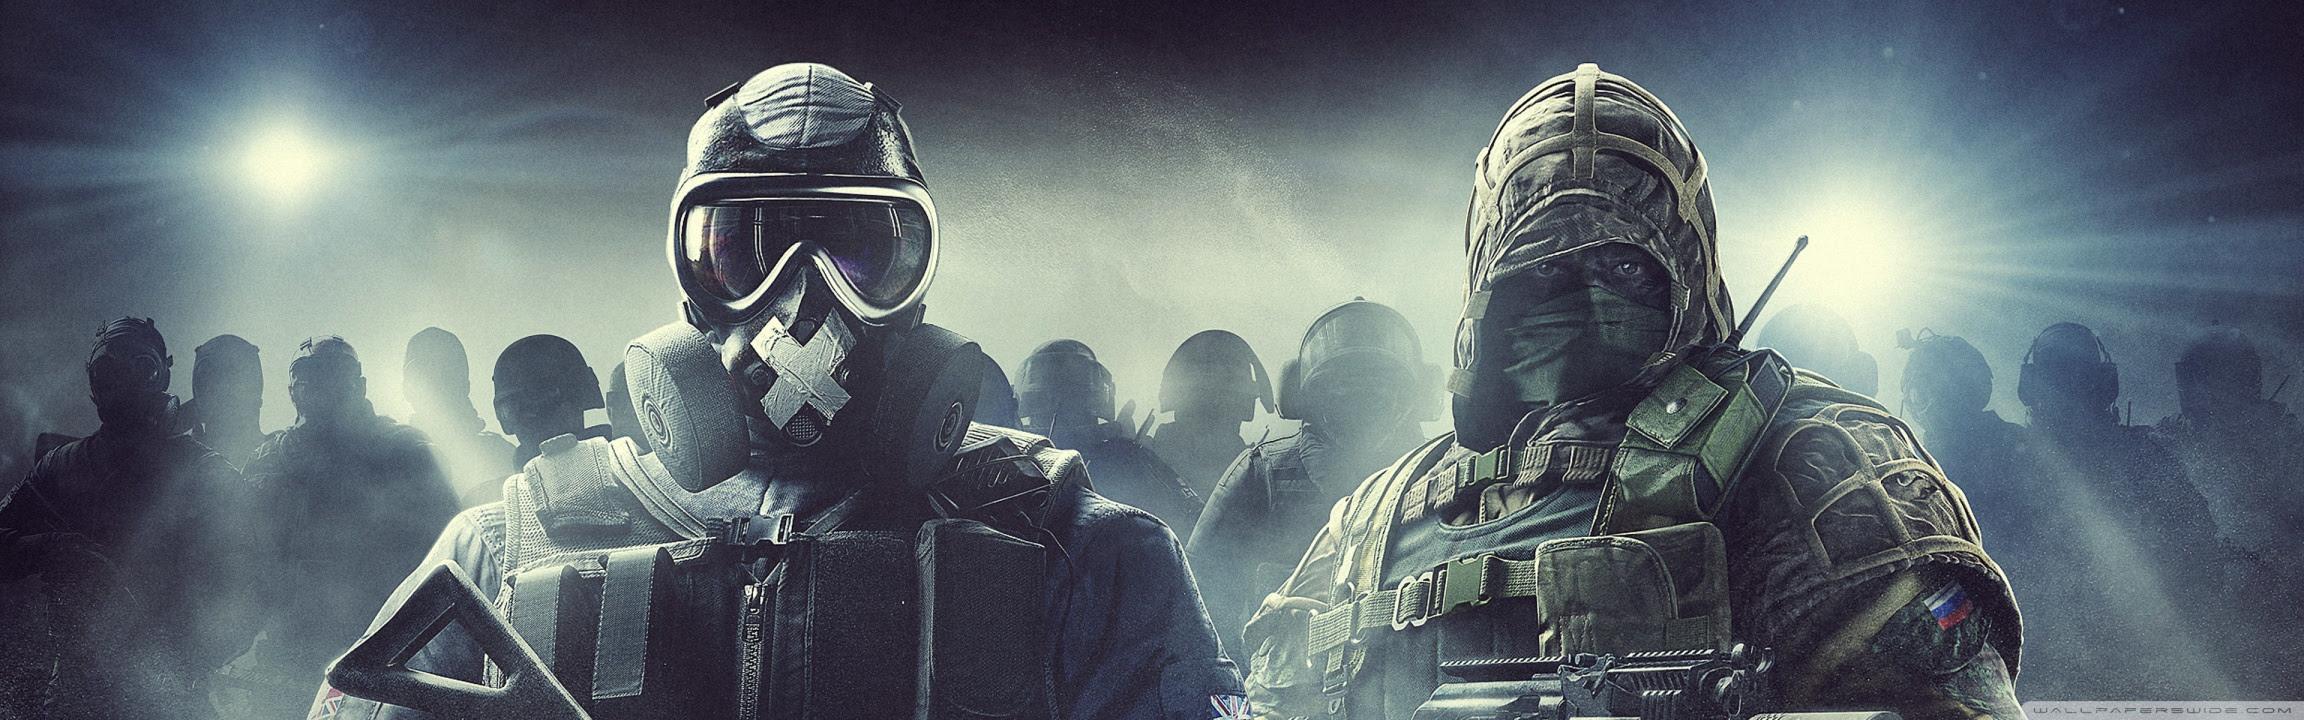 Mute Kapkan Tom Clancys Rainbow Six Siege Ultra Hd Desktop